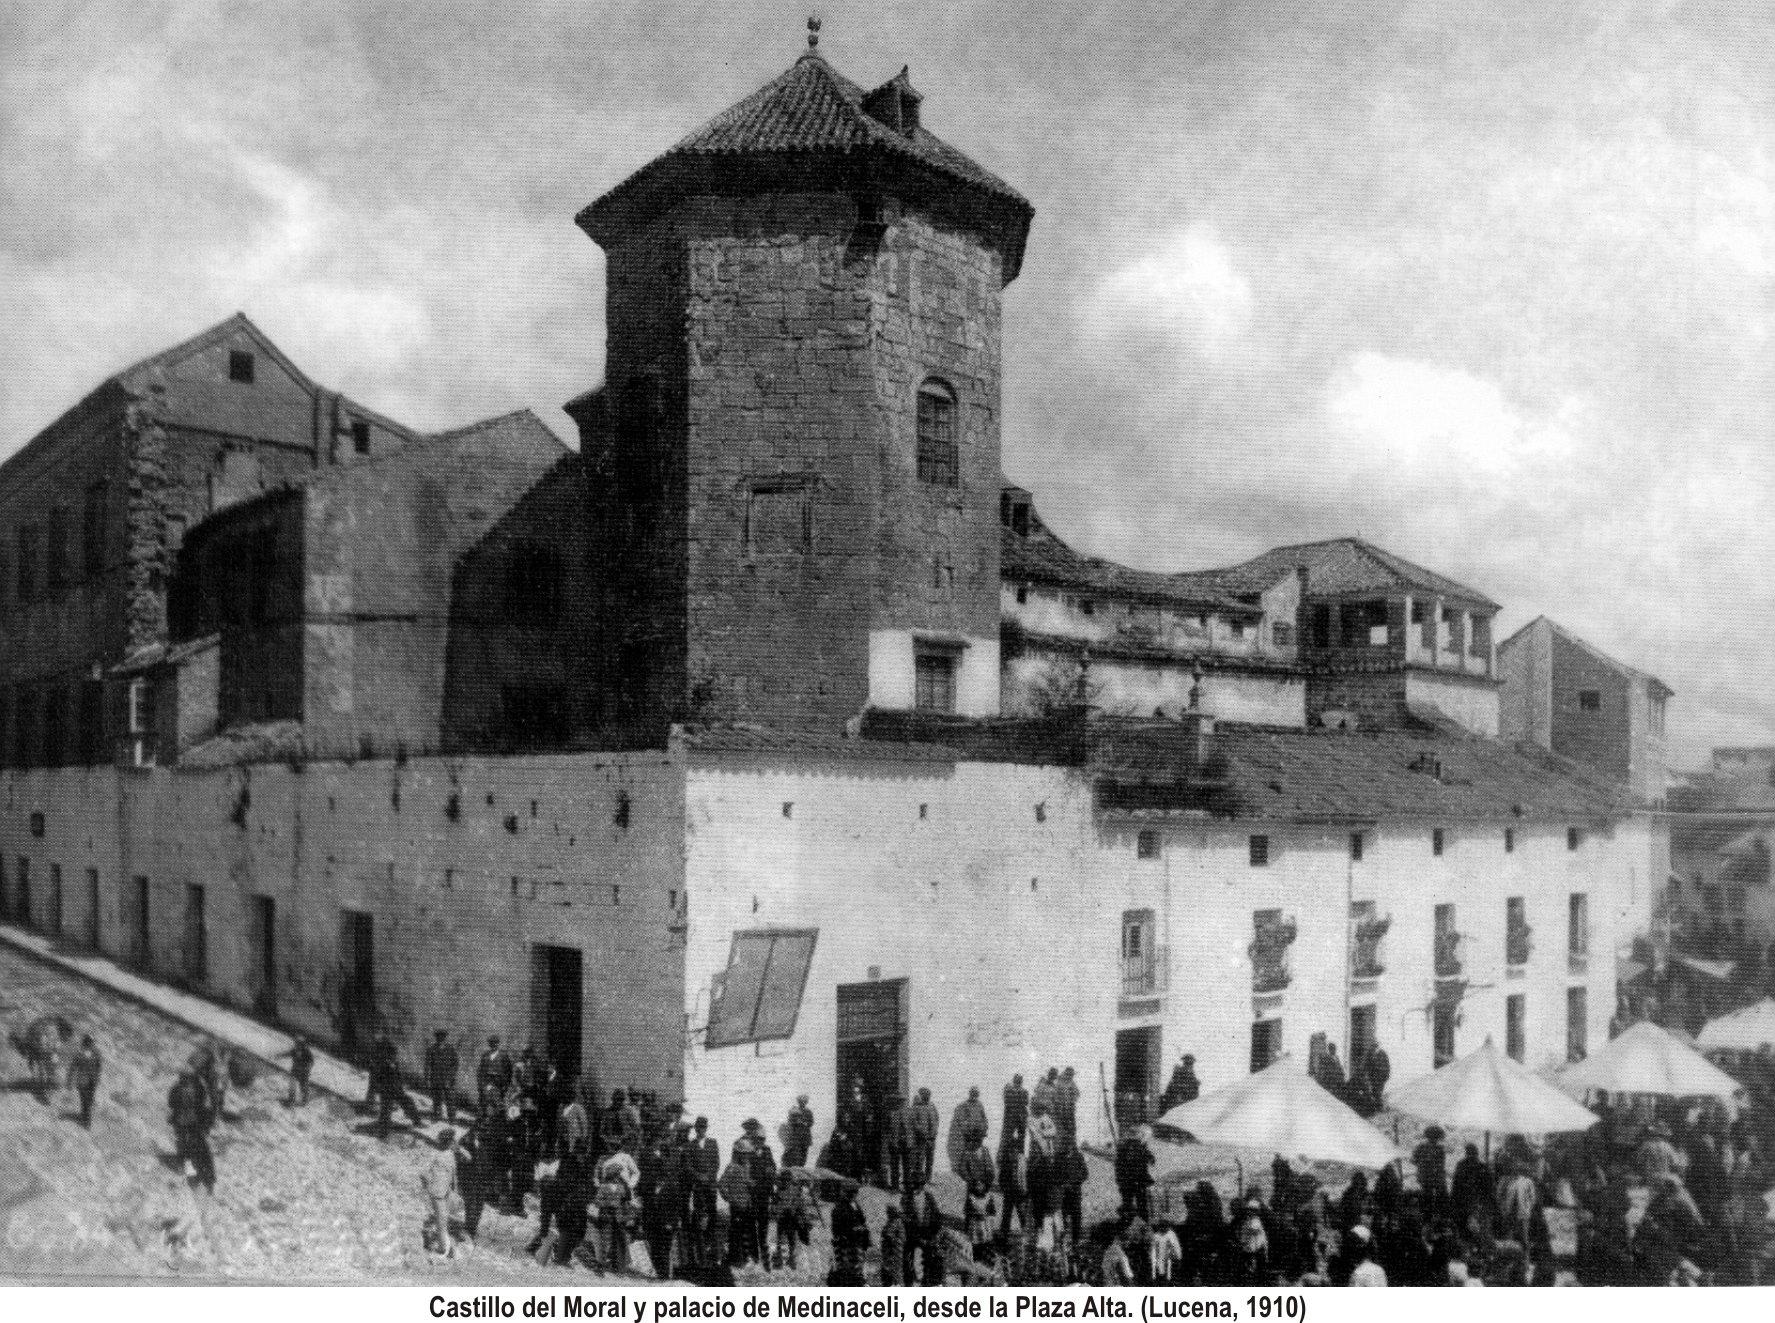 Castillo del Moral 1910